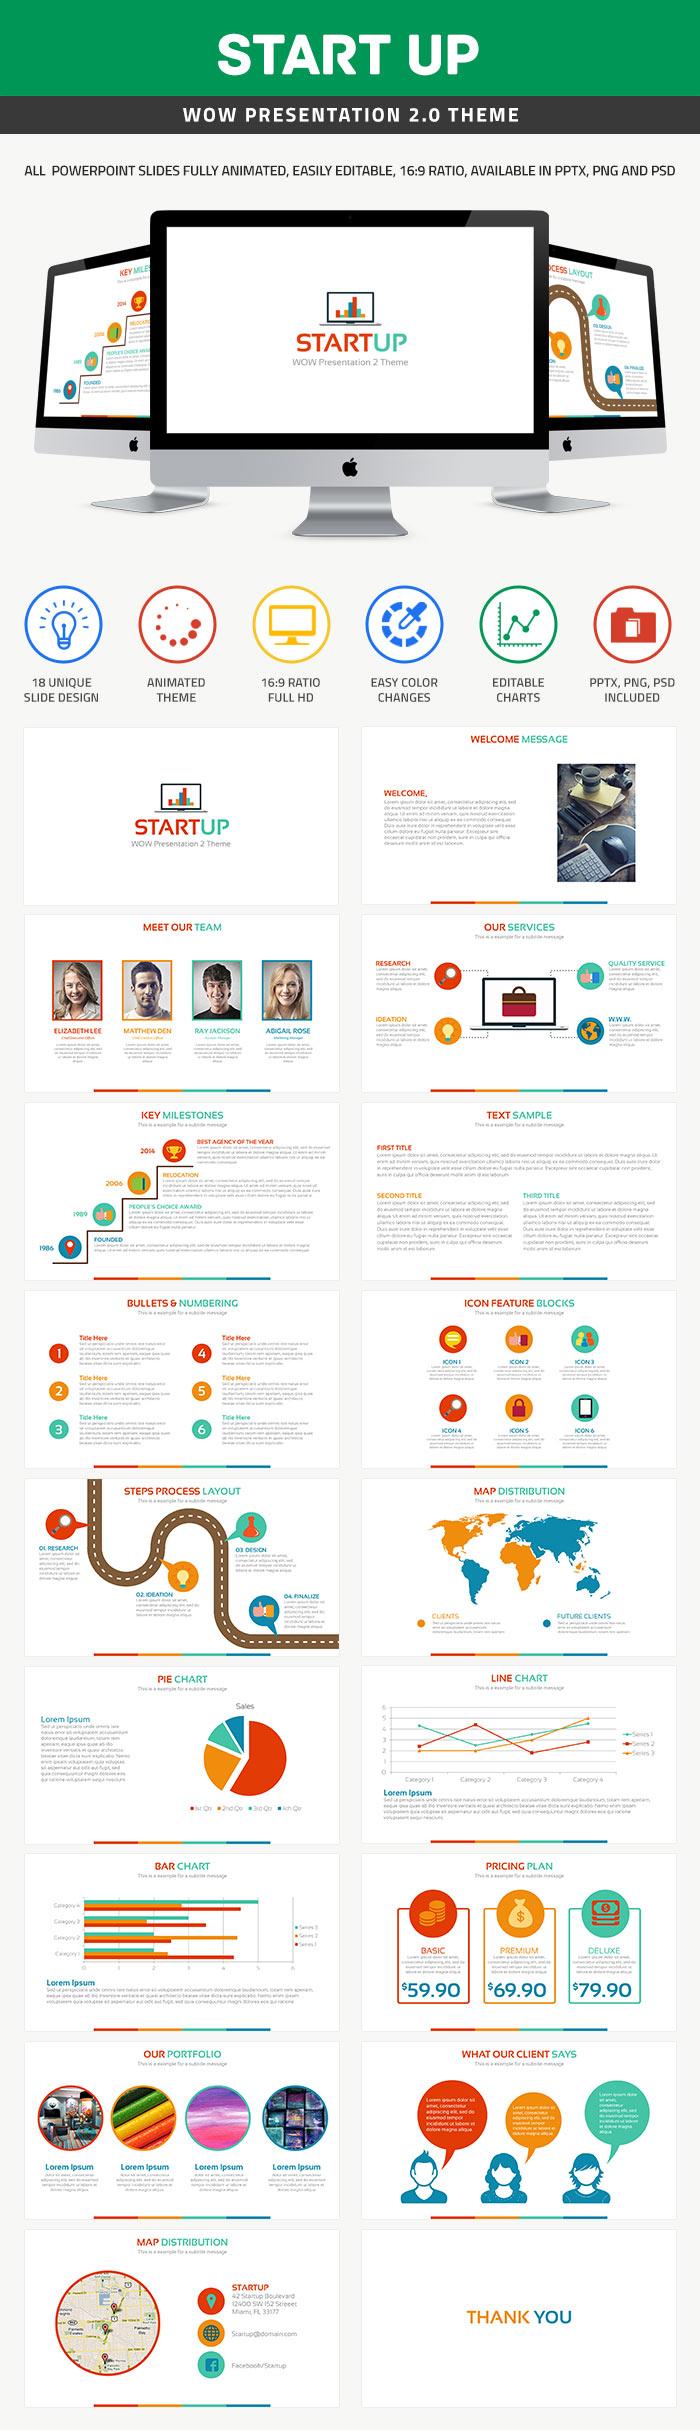 wowpresentation2-preview-startup